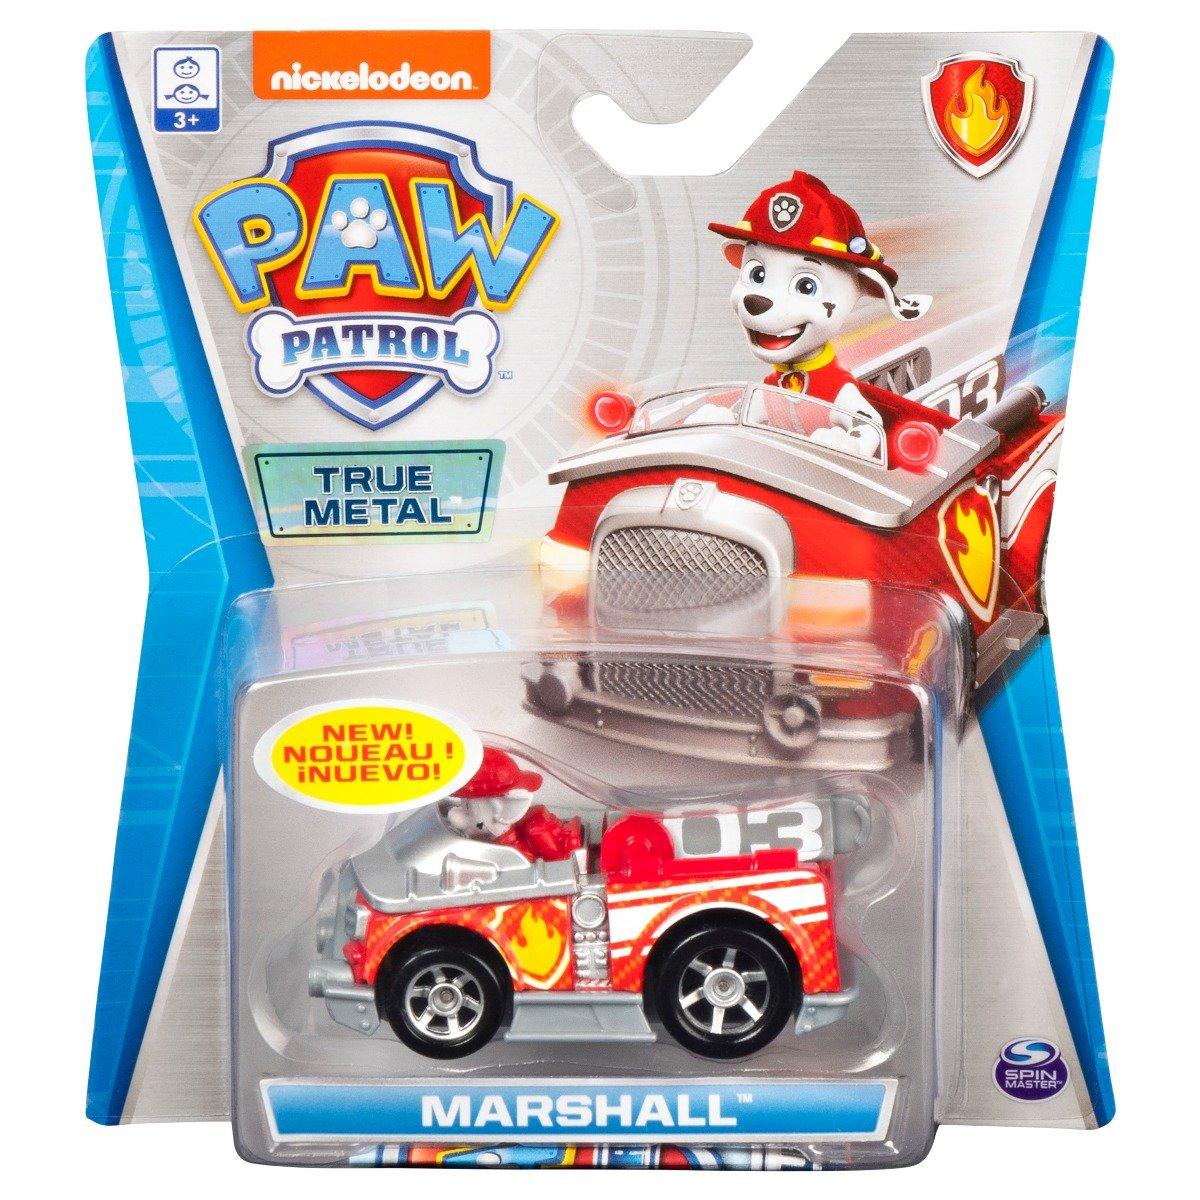 Masinuta cu figurina Paw Patrol True Metal, Marshall 20121346